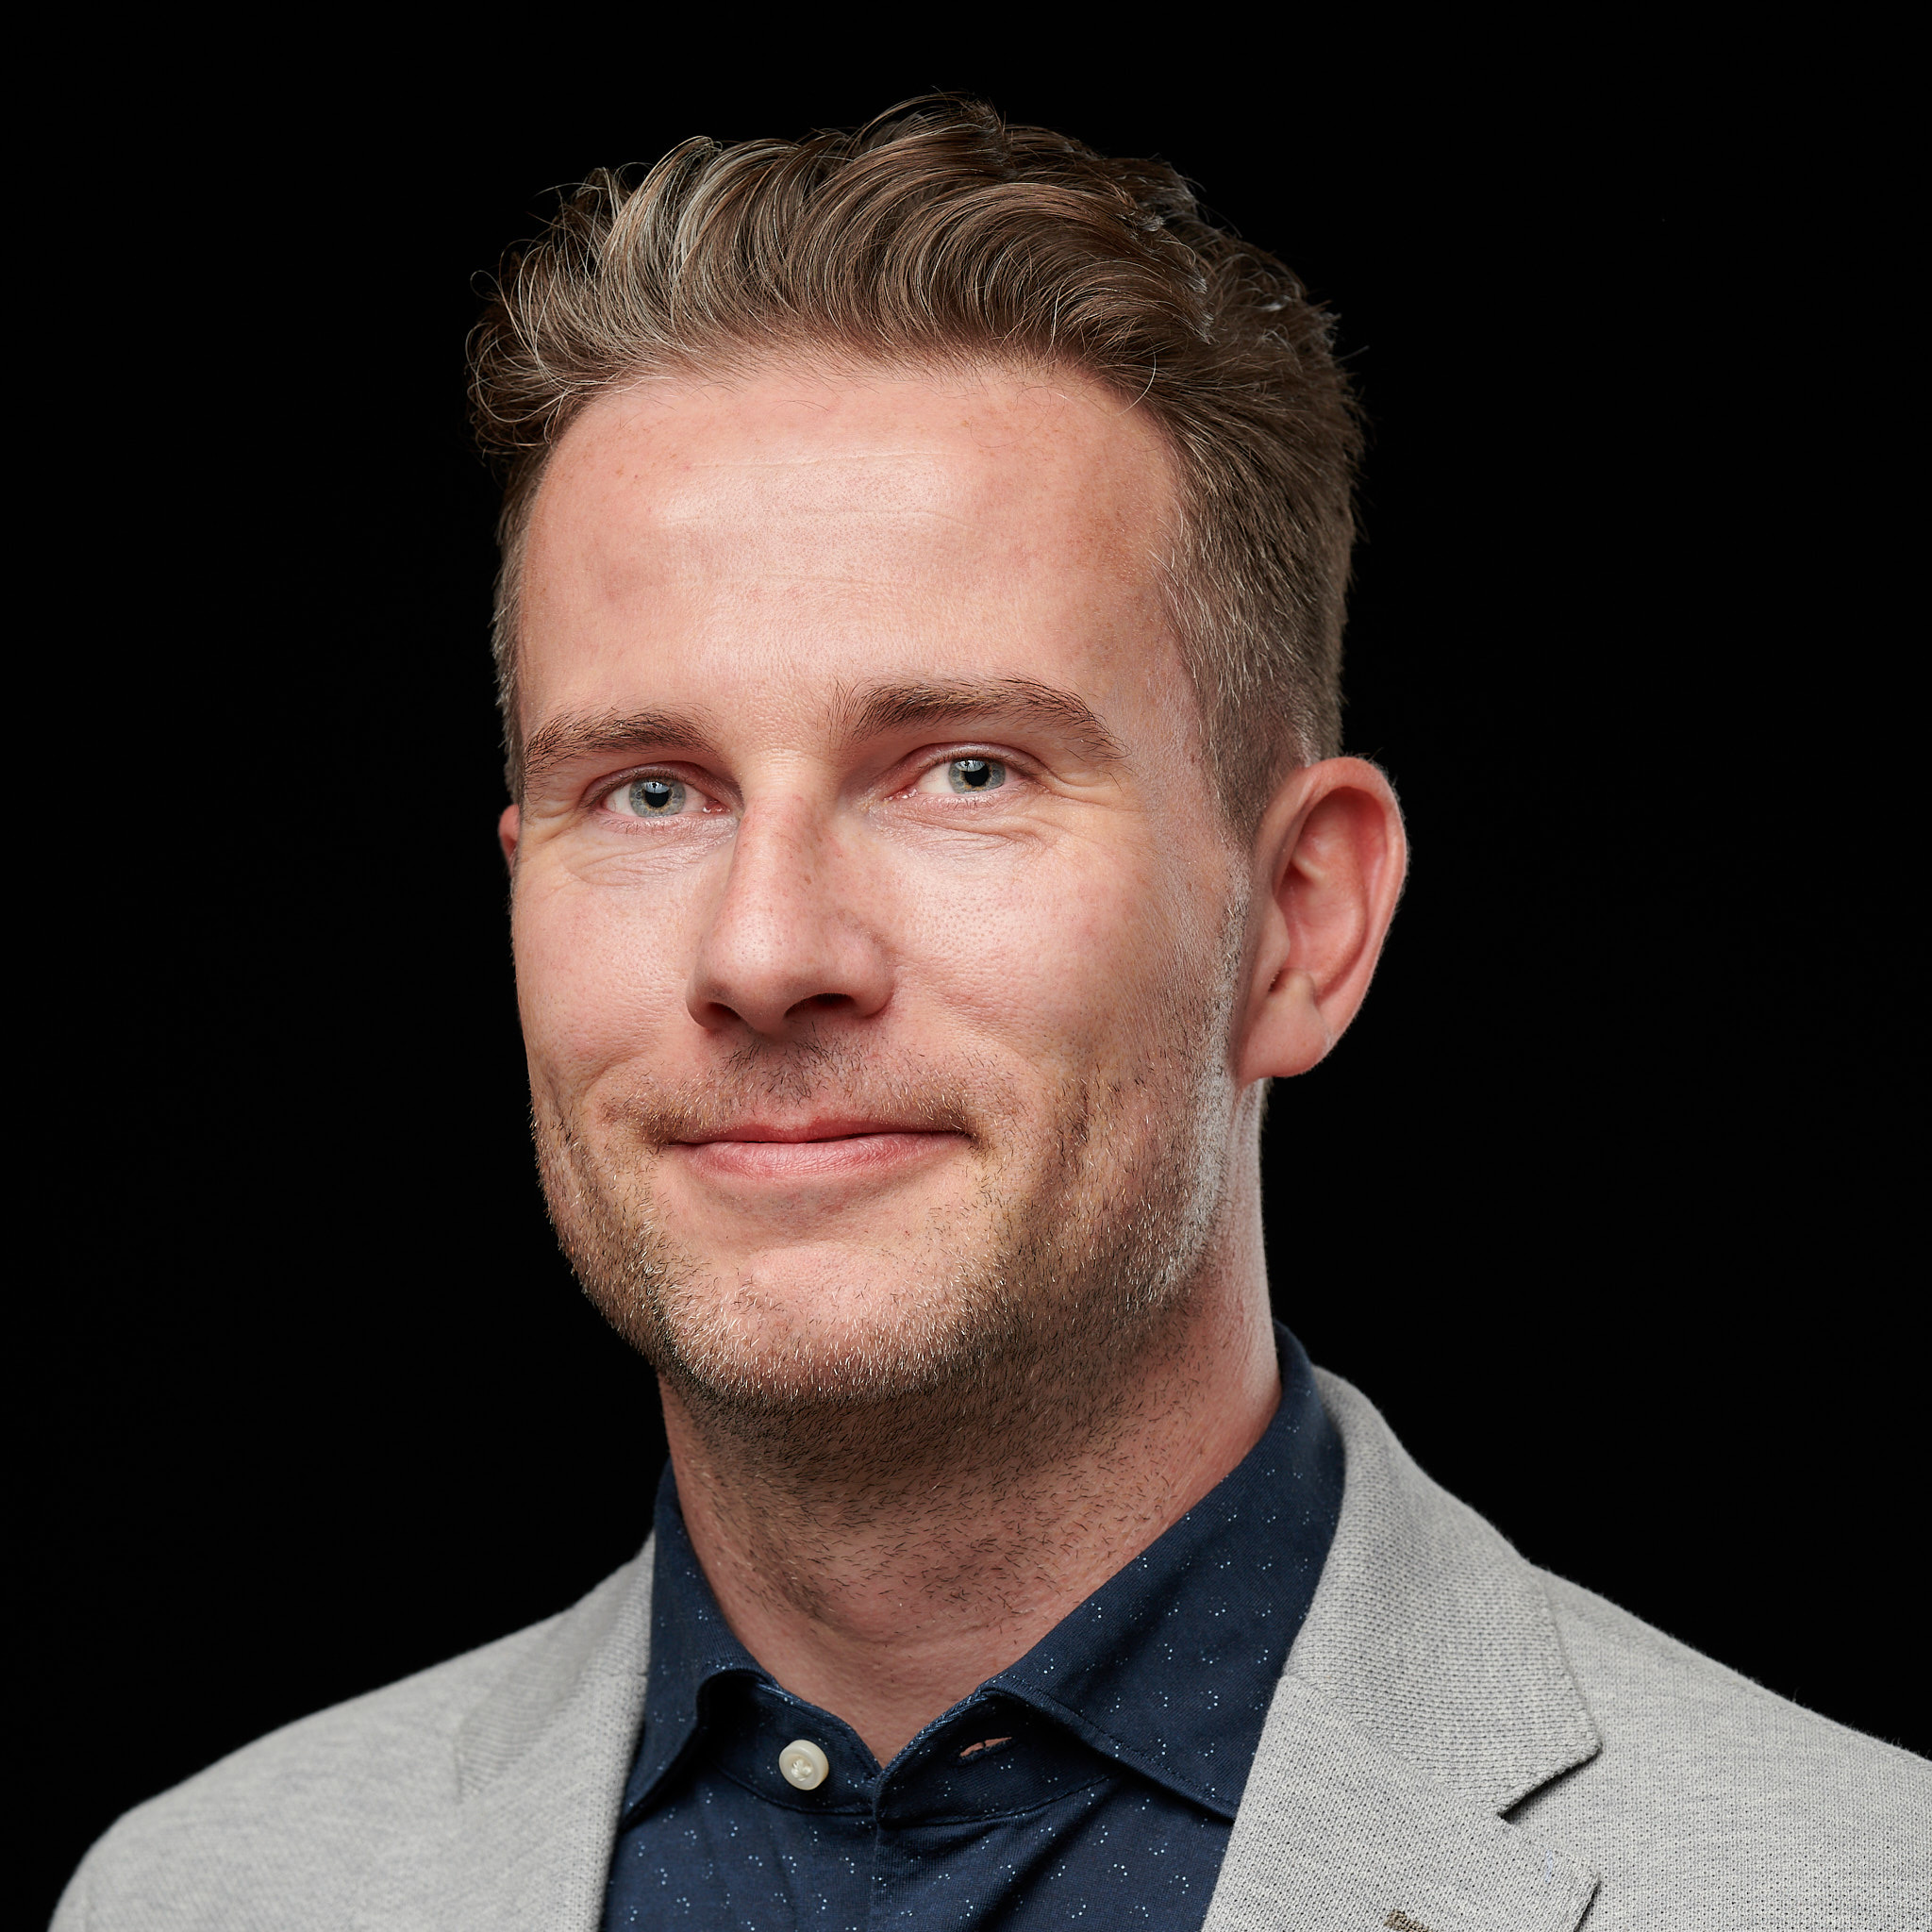 Patrick Veenhoff